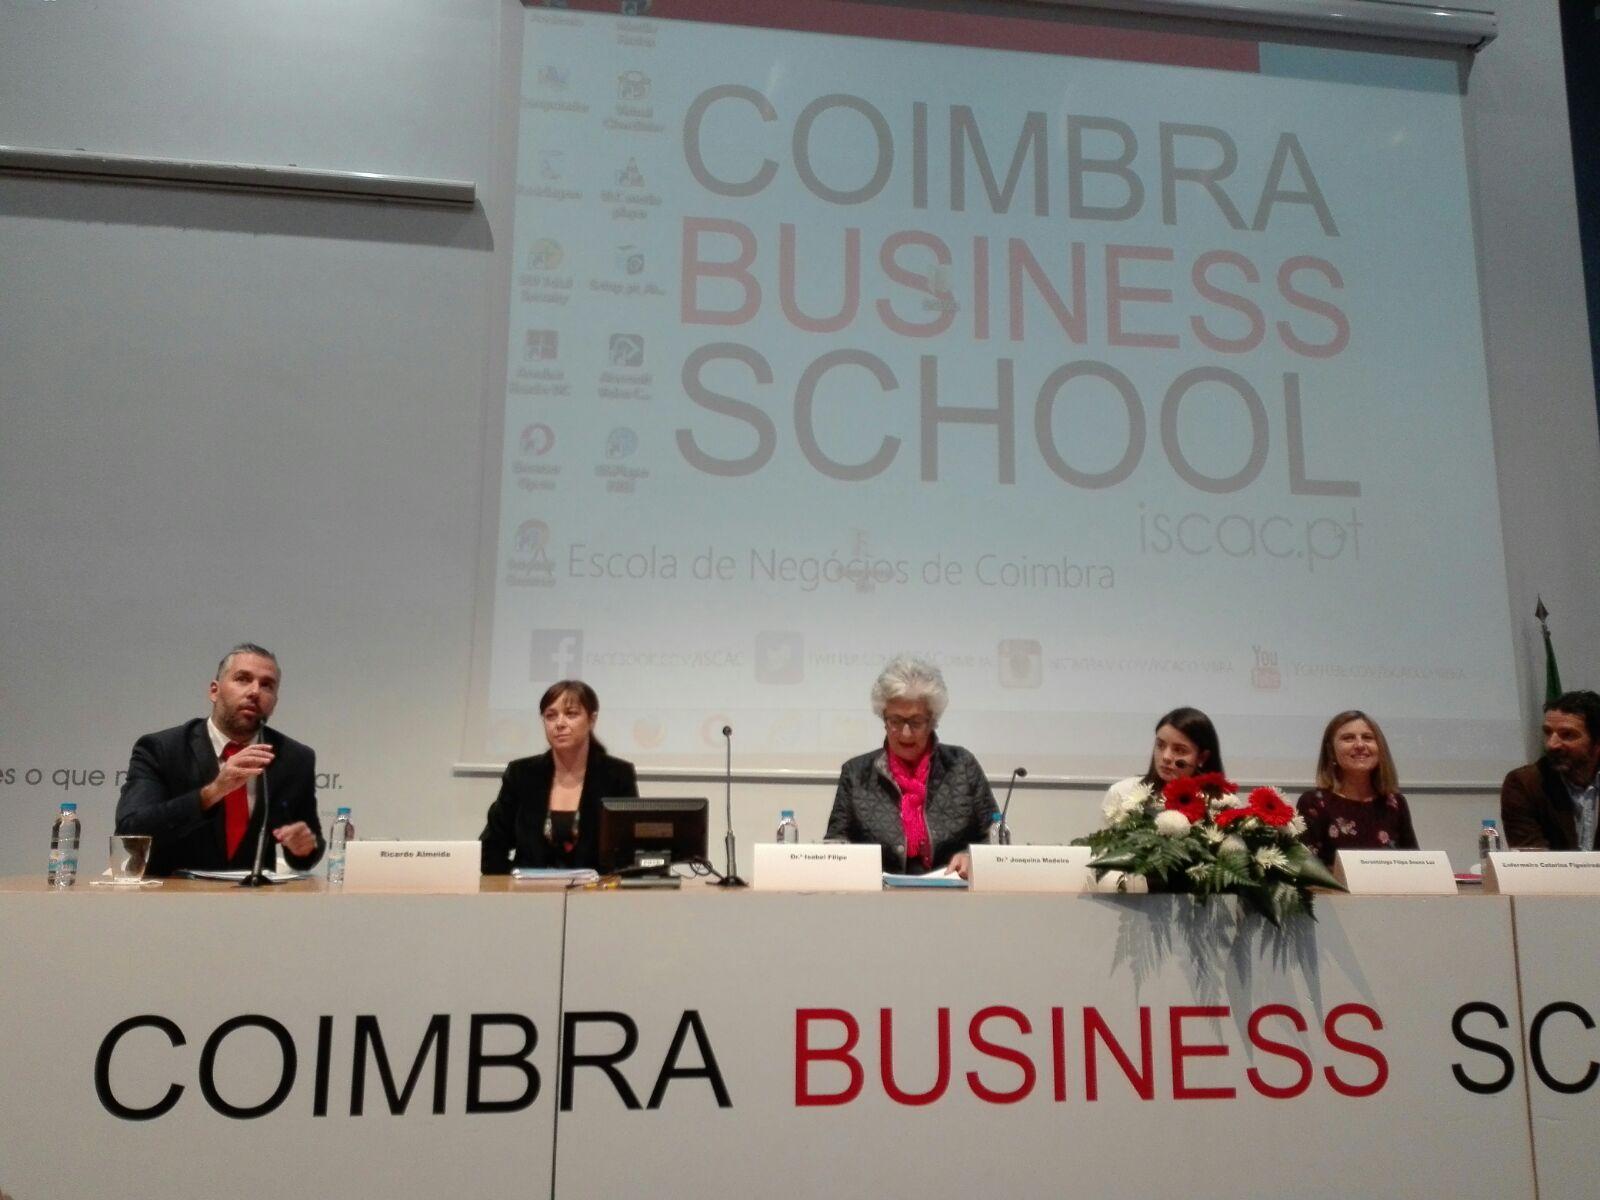 Ricardo Guedes de Almeida - Director of Fundación Universitaria Iberoamericana (FUNIBER) - Connecting Stories PARTTEAM & OEMKIOSKS